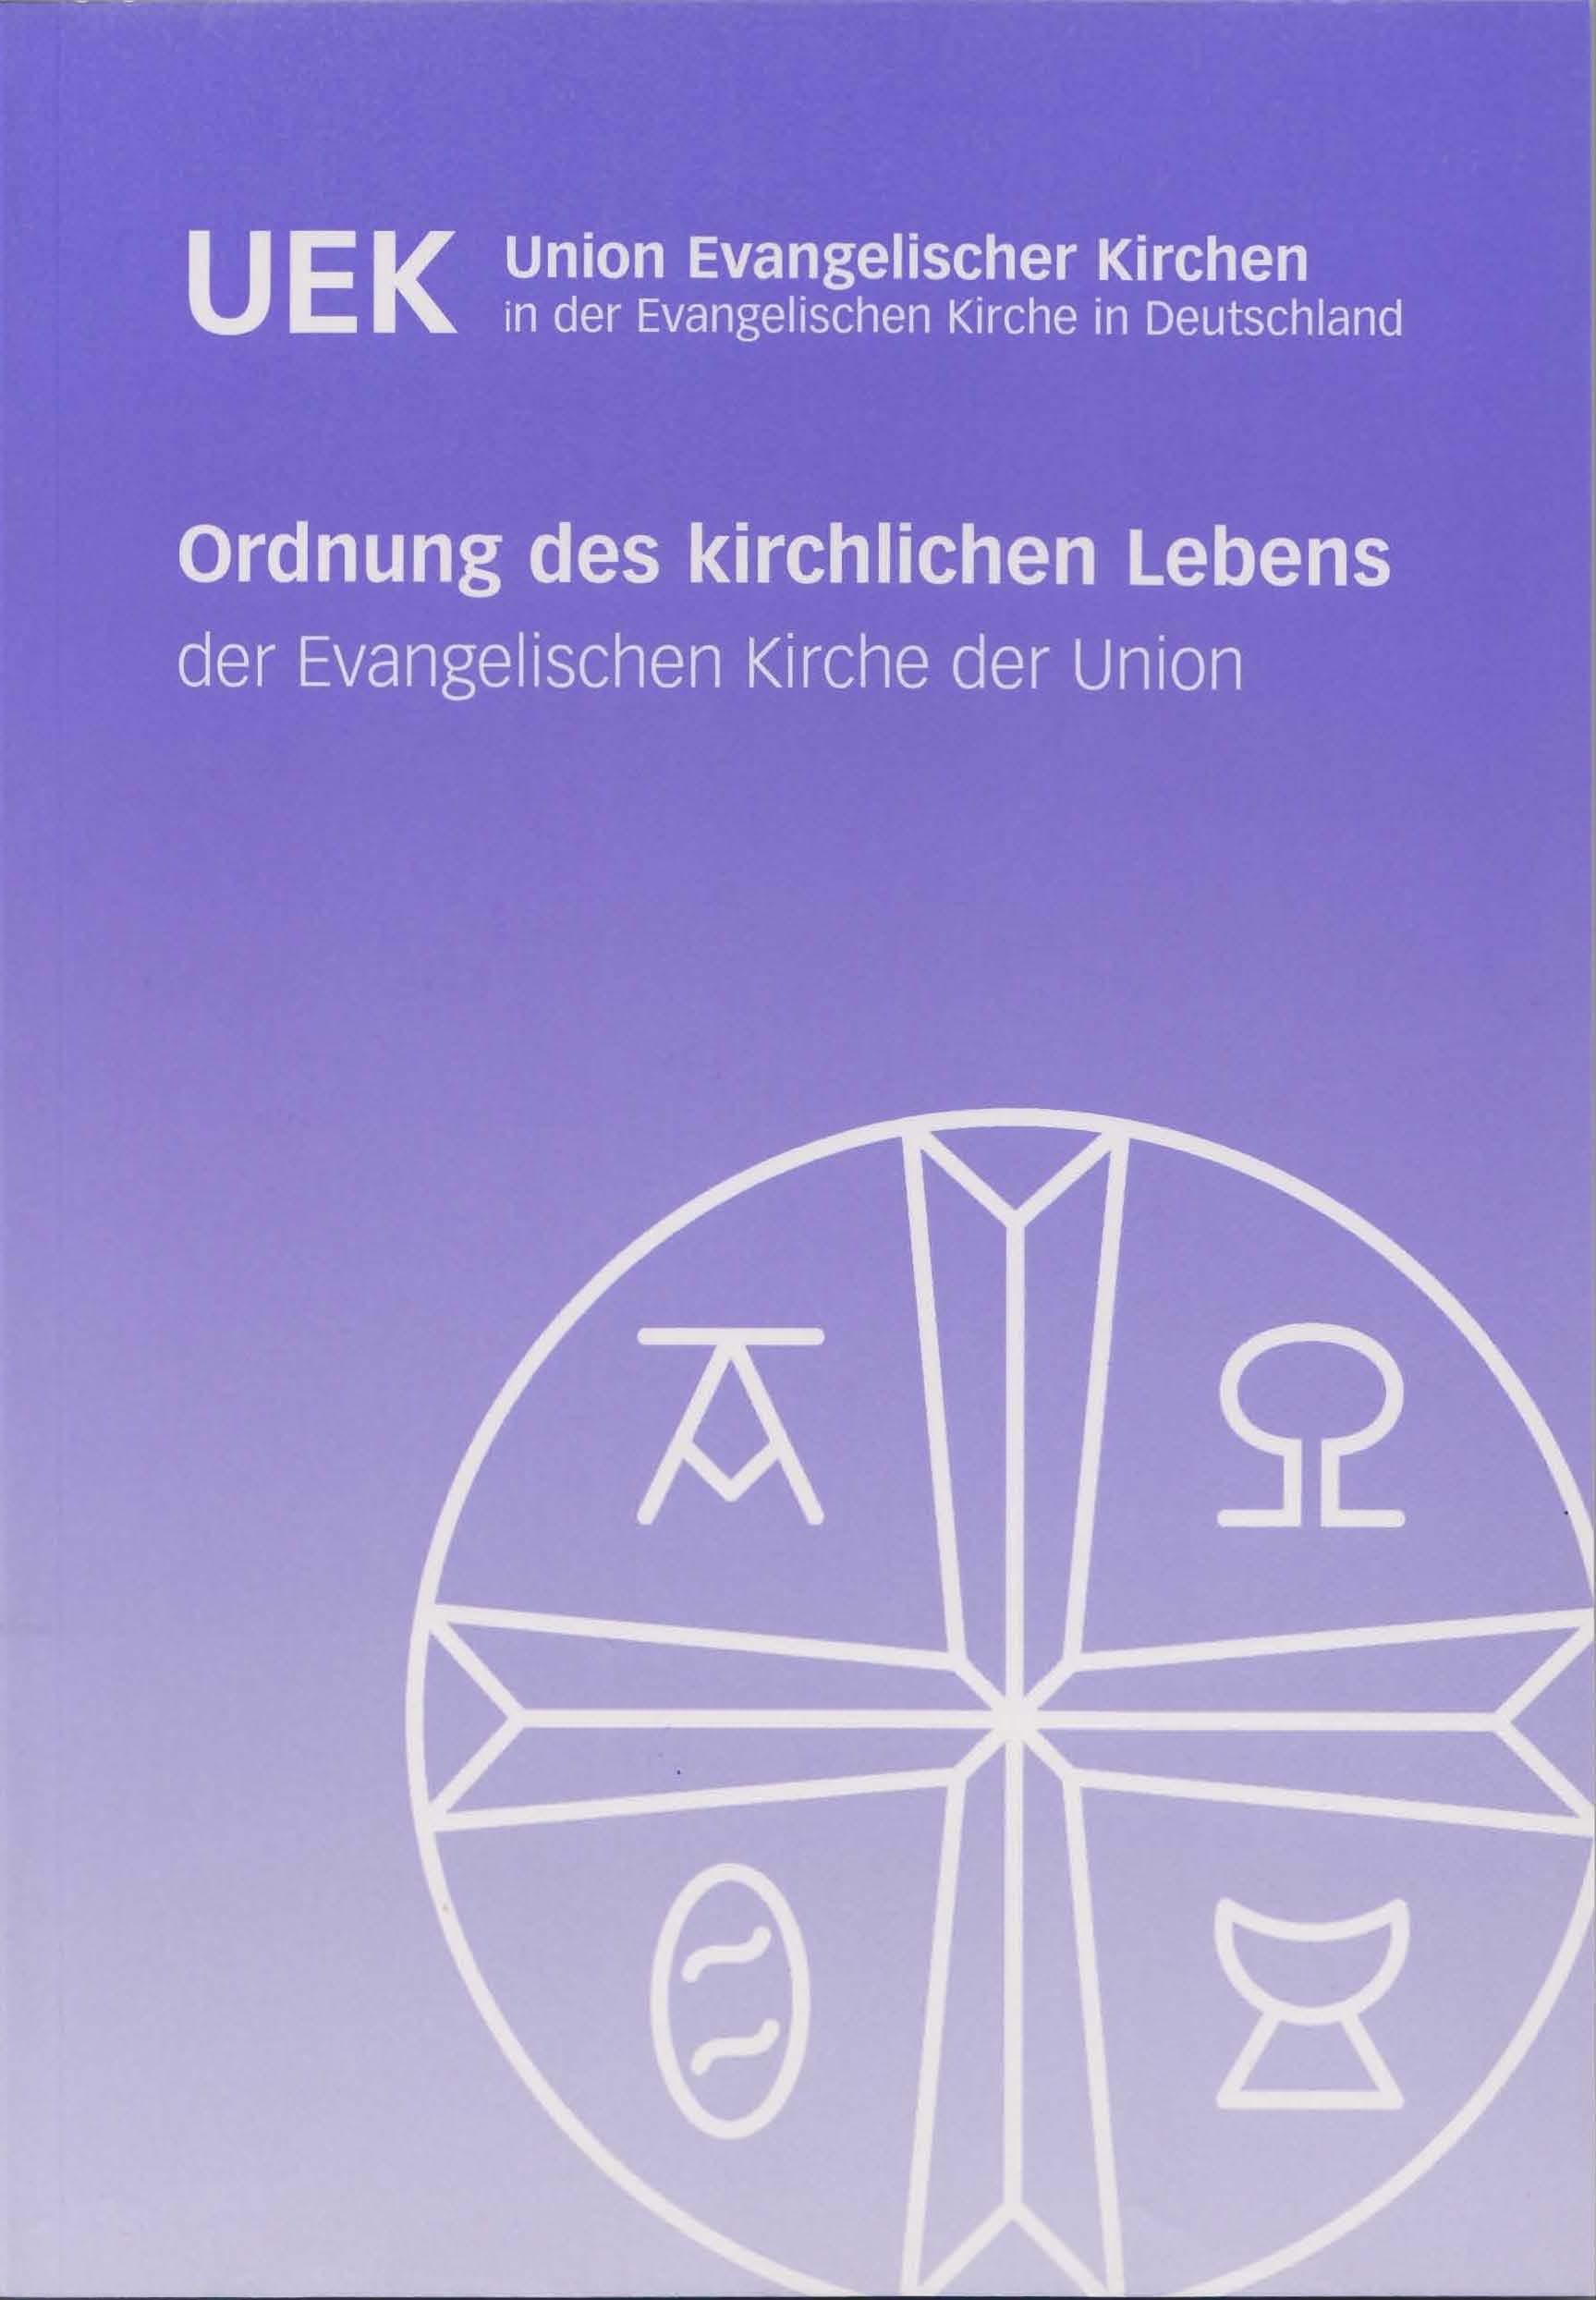 Ordnung des kirchlichen Lebens